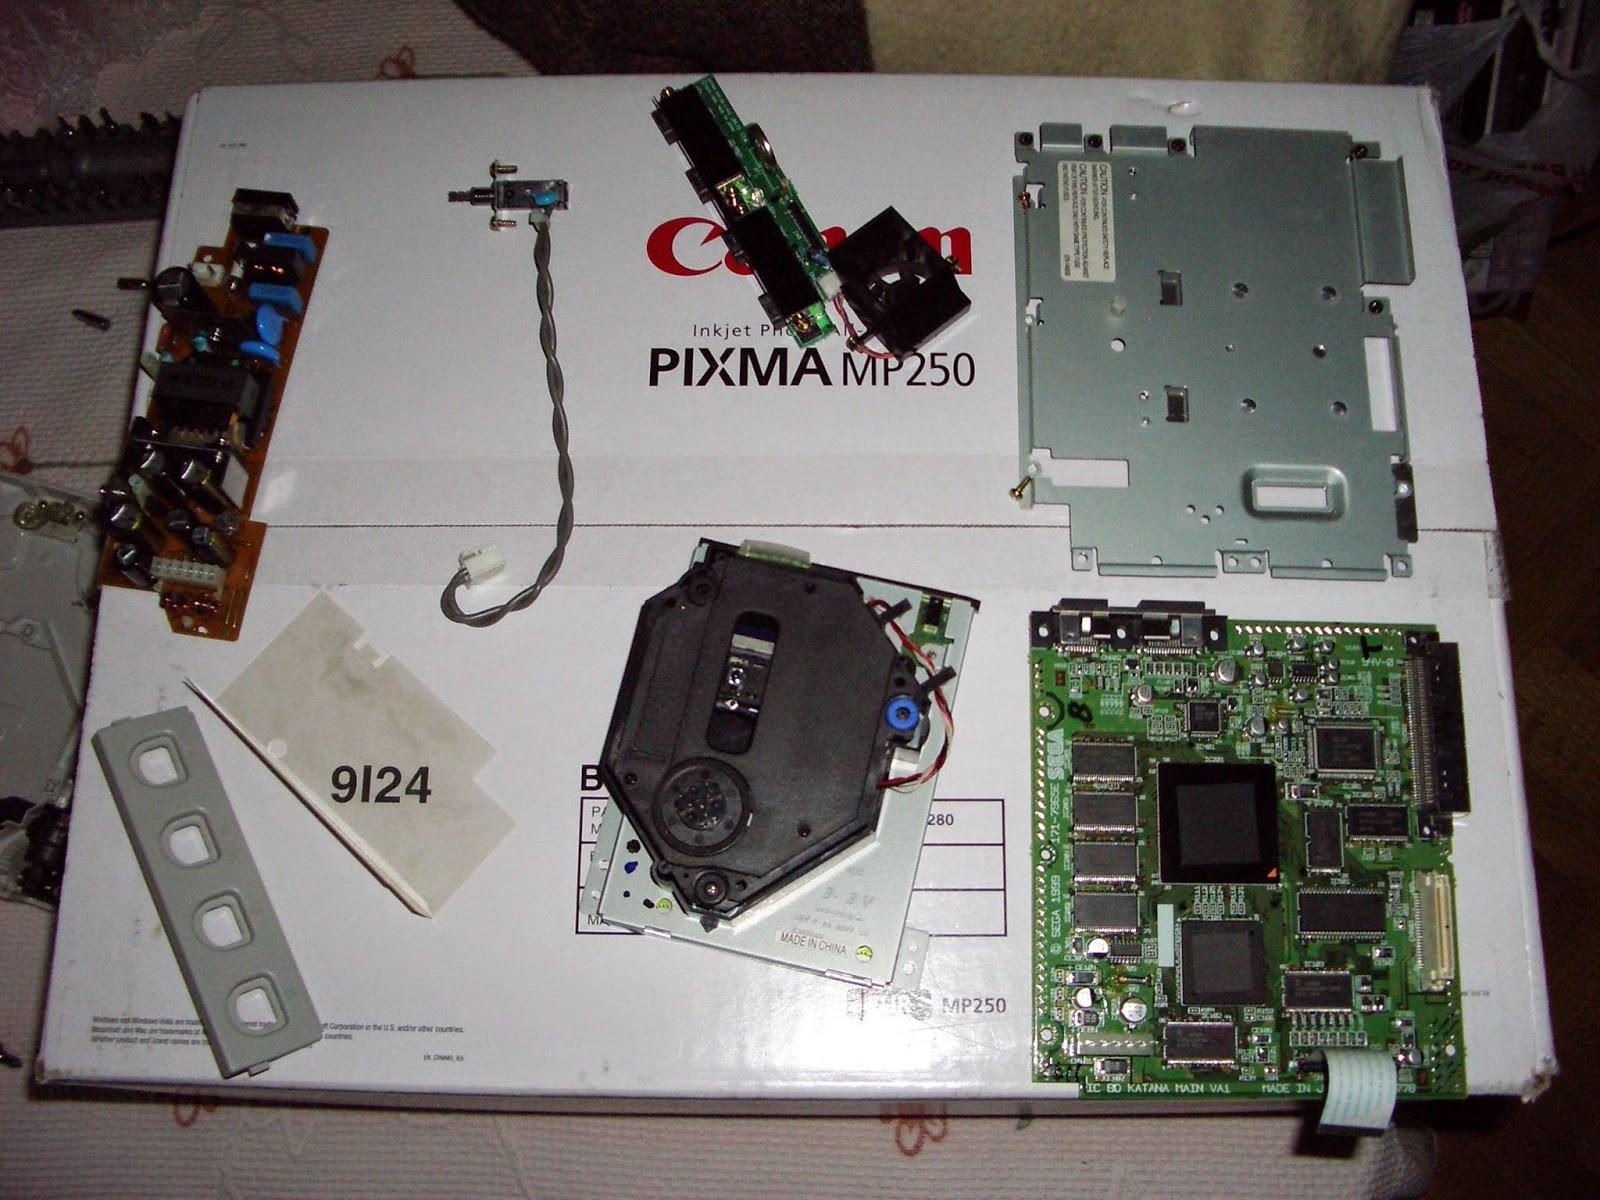 Unidad de GD-ROM separada de su placa adjunta